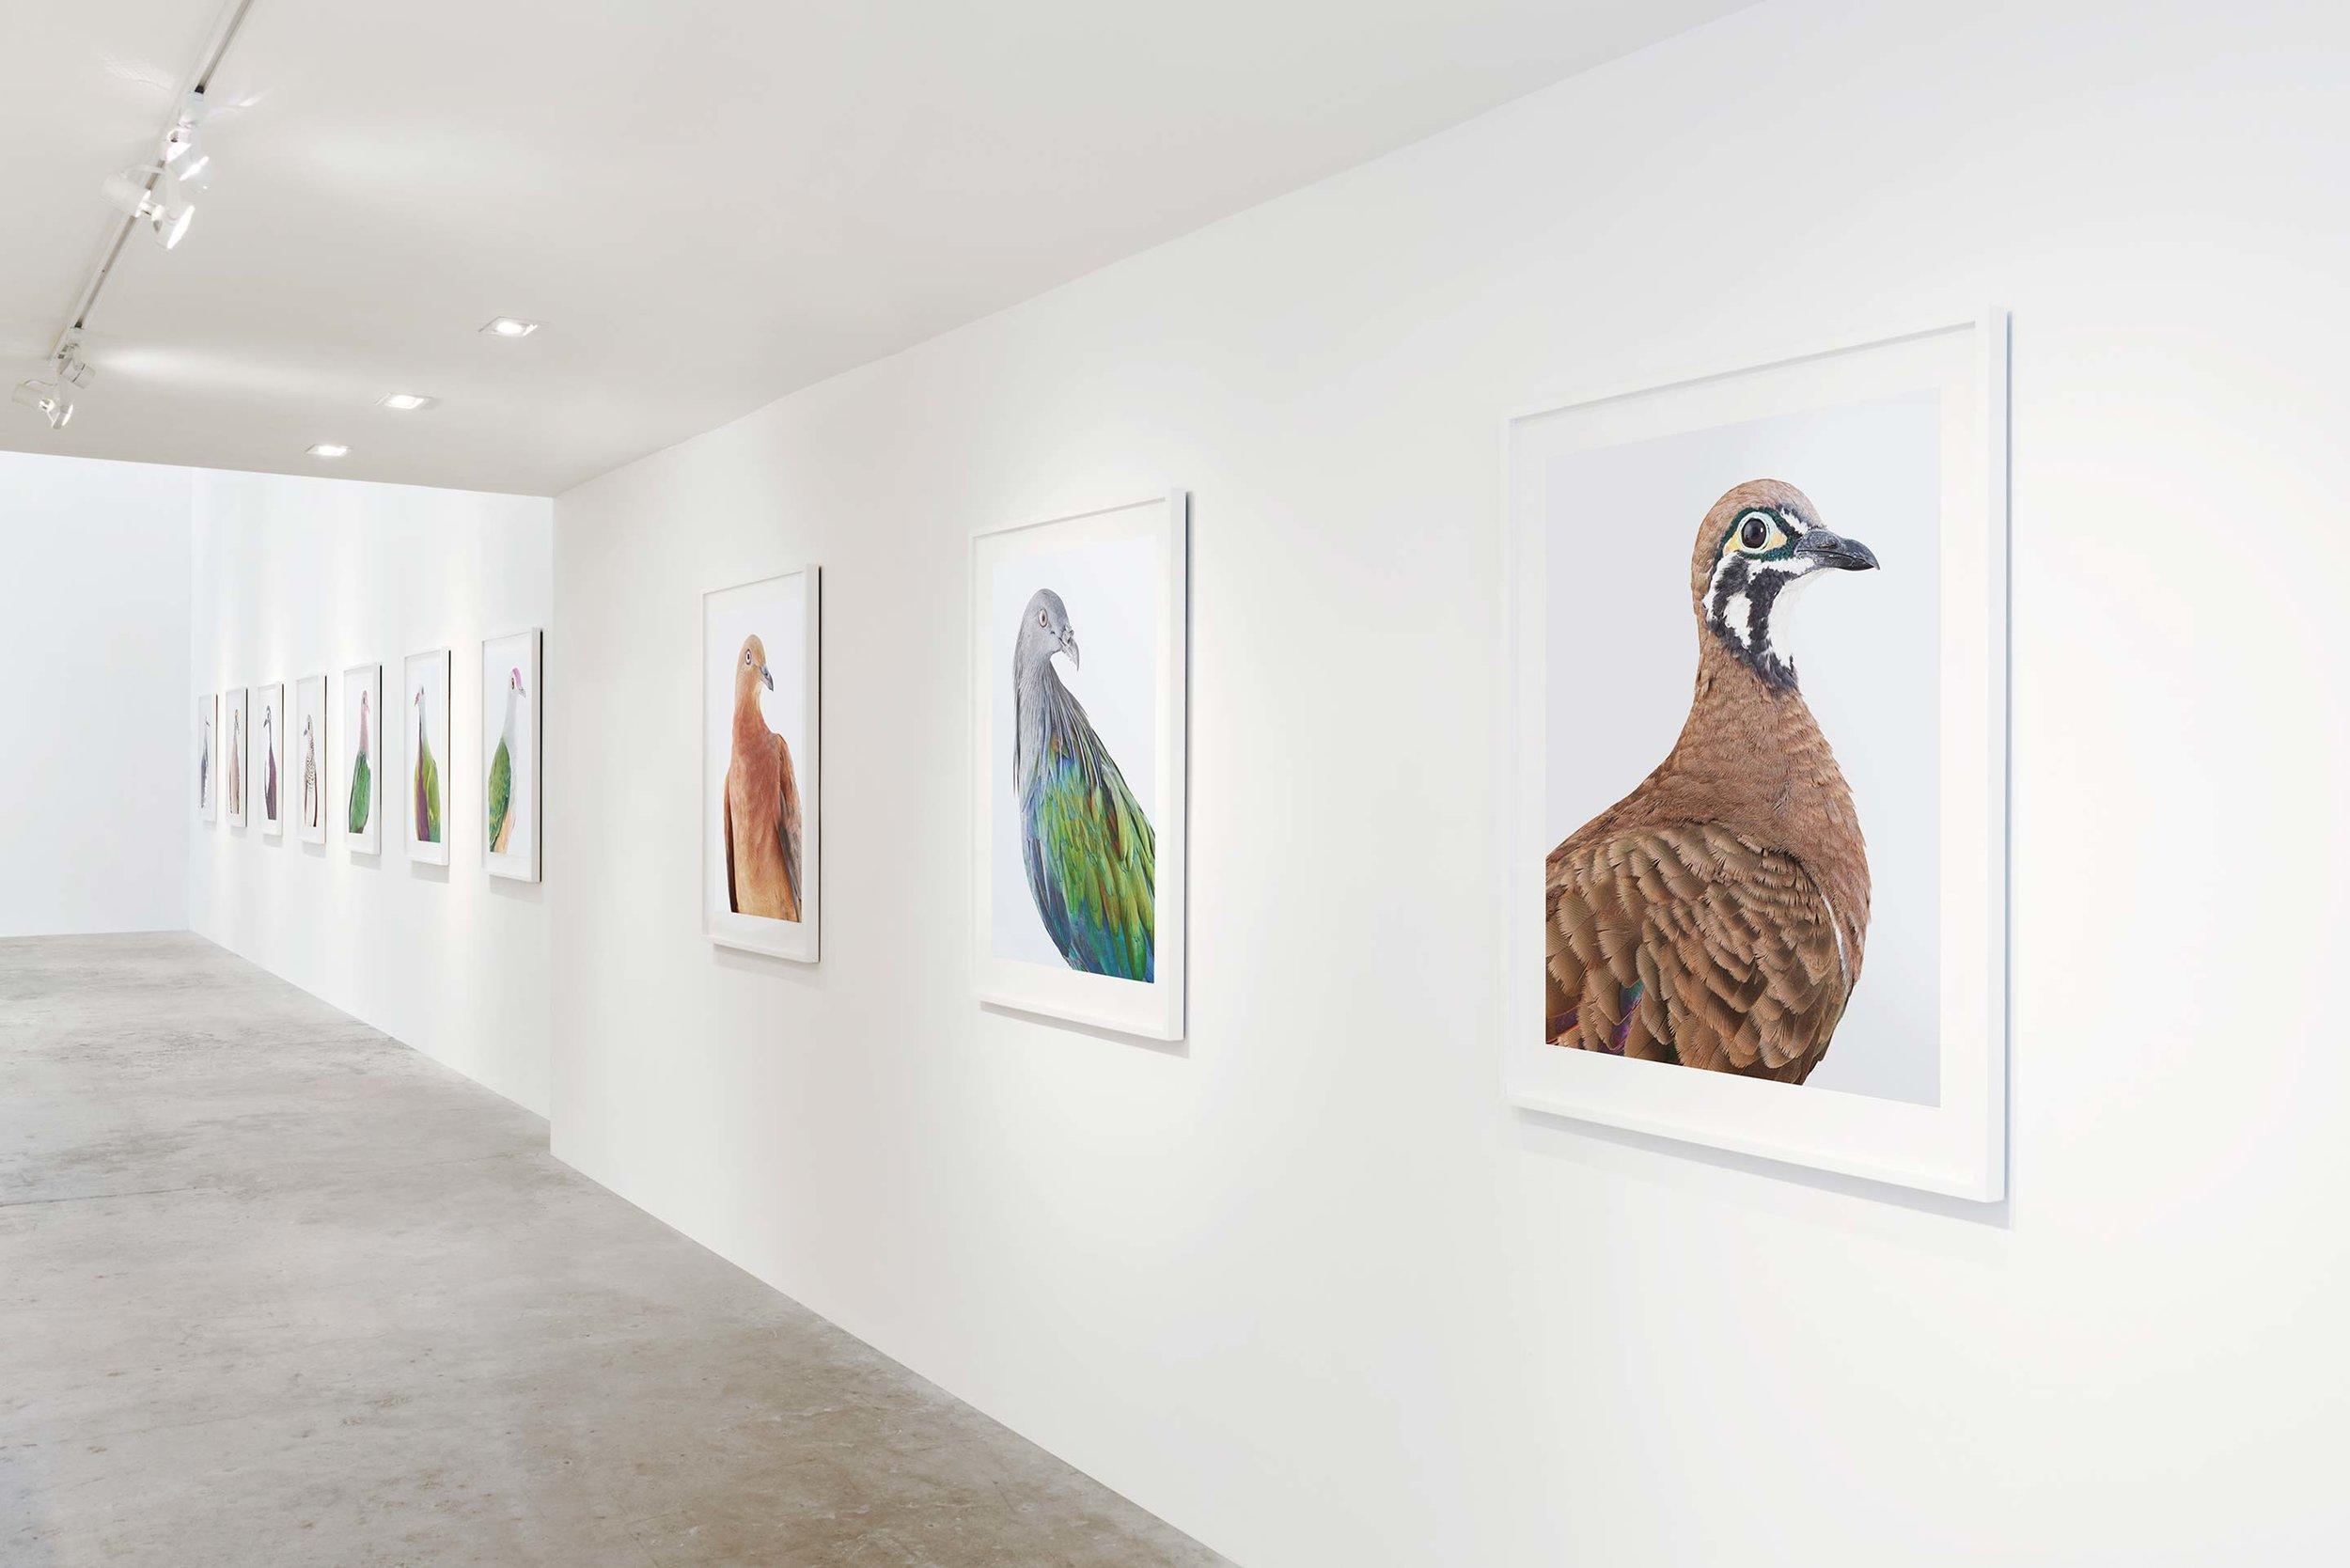 Ornithurae, Olsen Gruin Gallery, New York, 2017